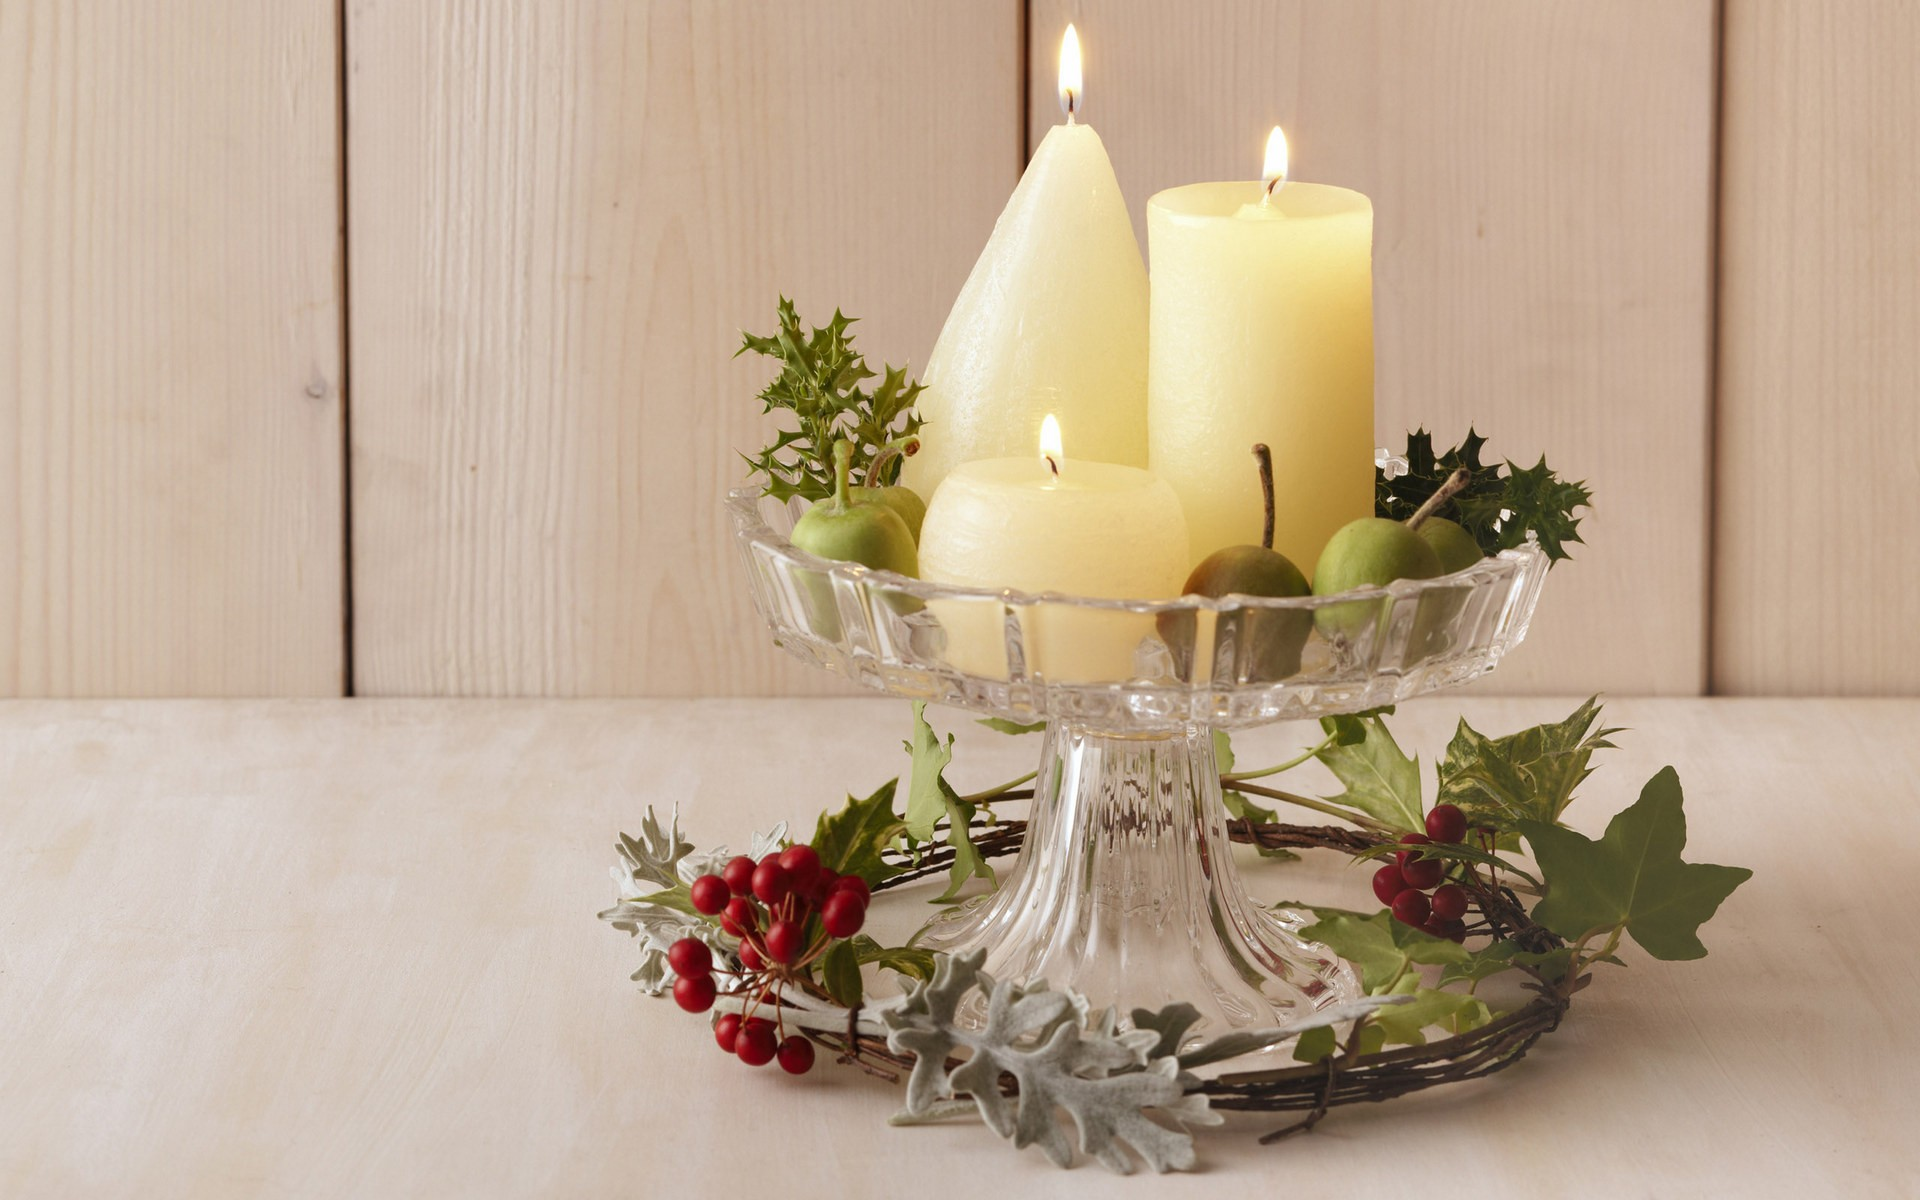 Velas de adorno para navidad - 1920x1200